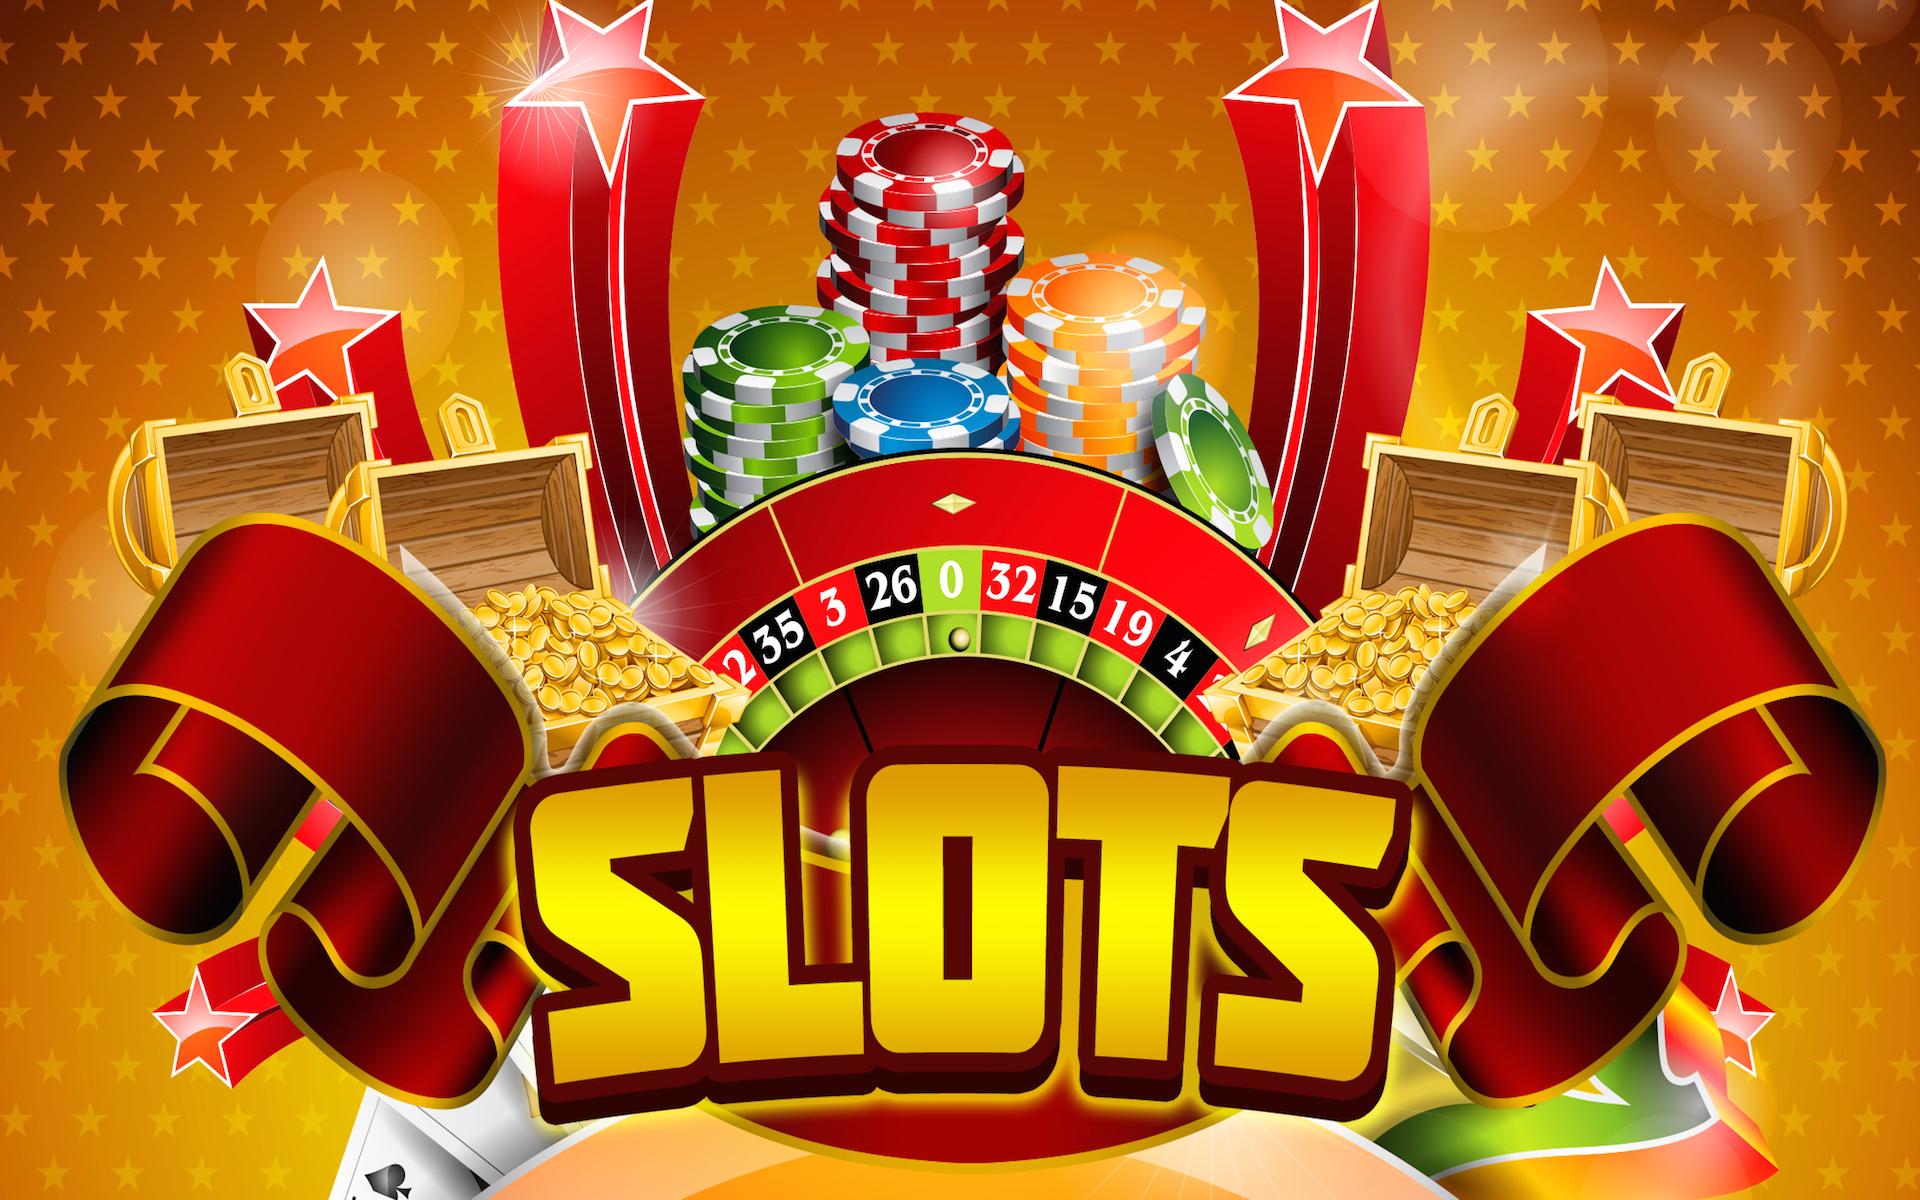 casino bonus mit 10 einzahlen 200 bekommen